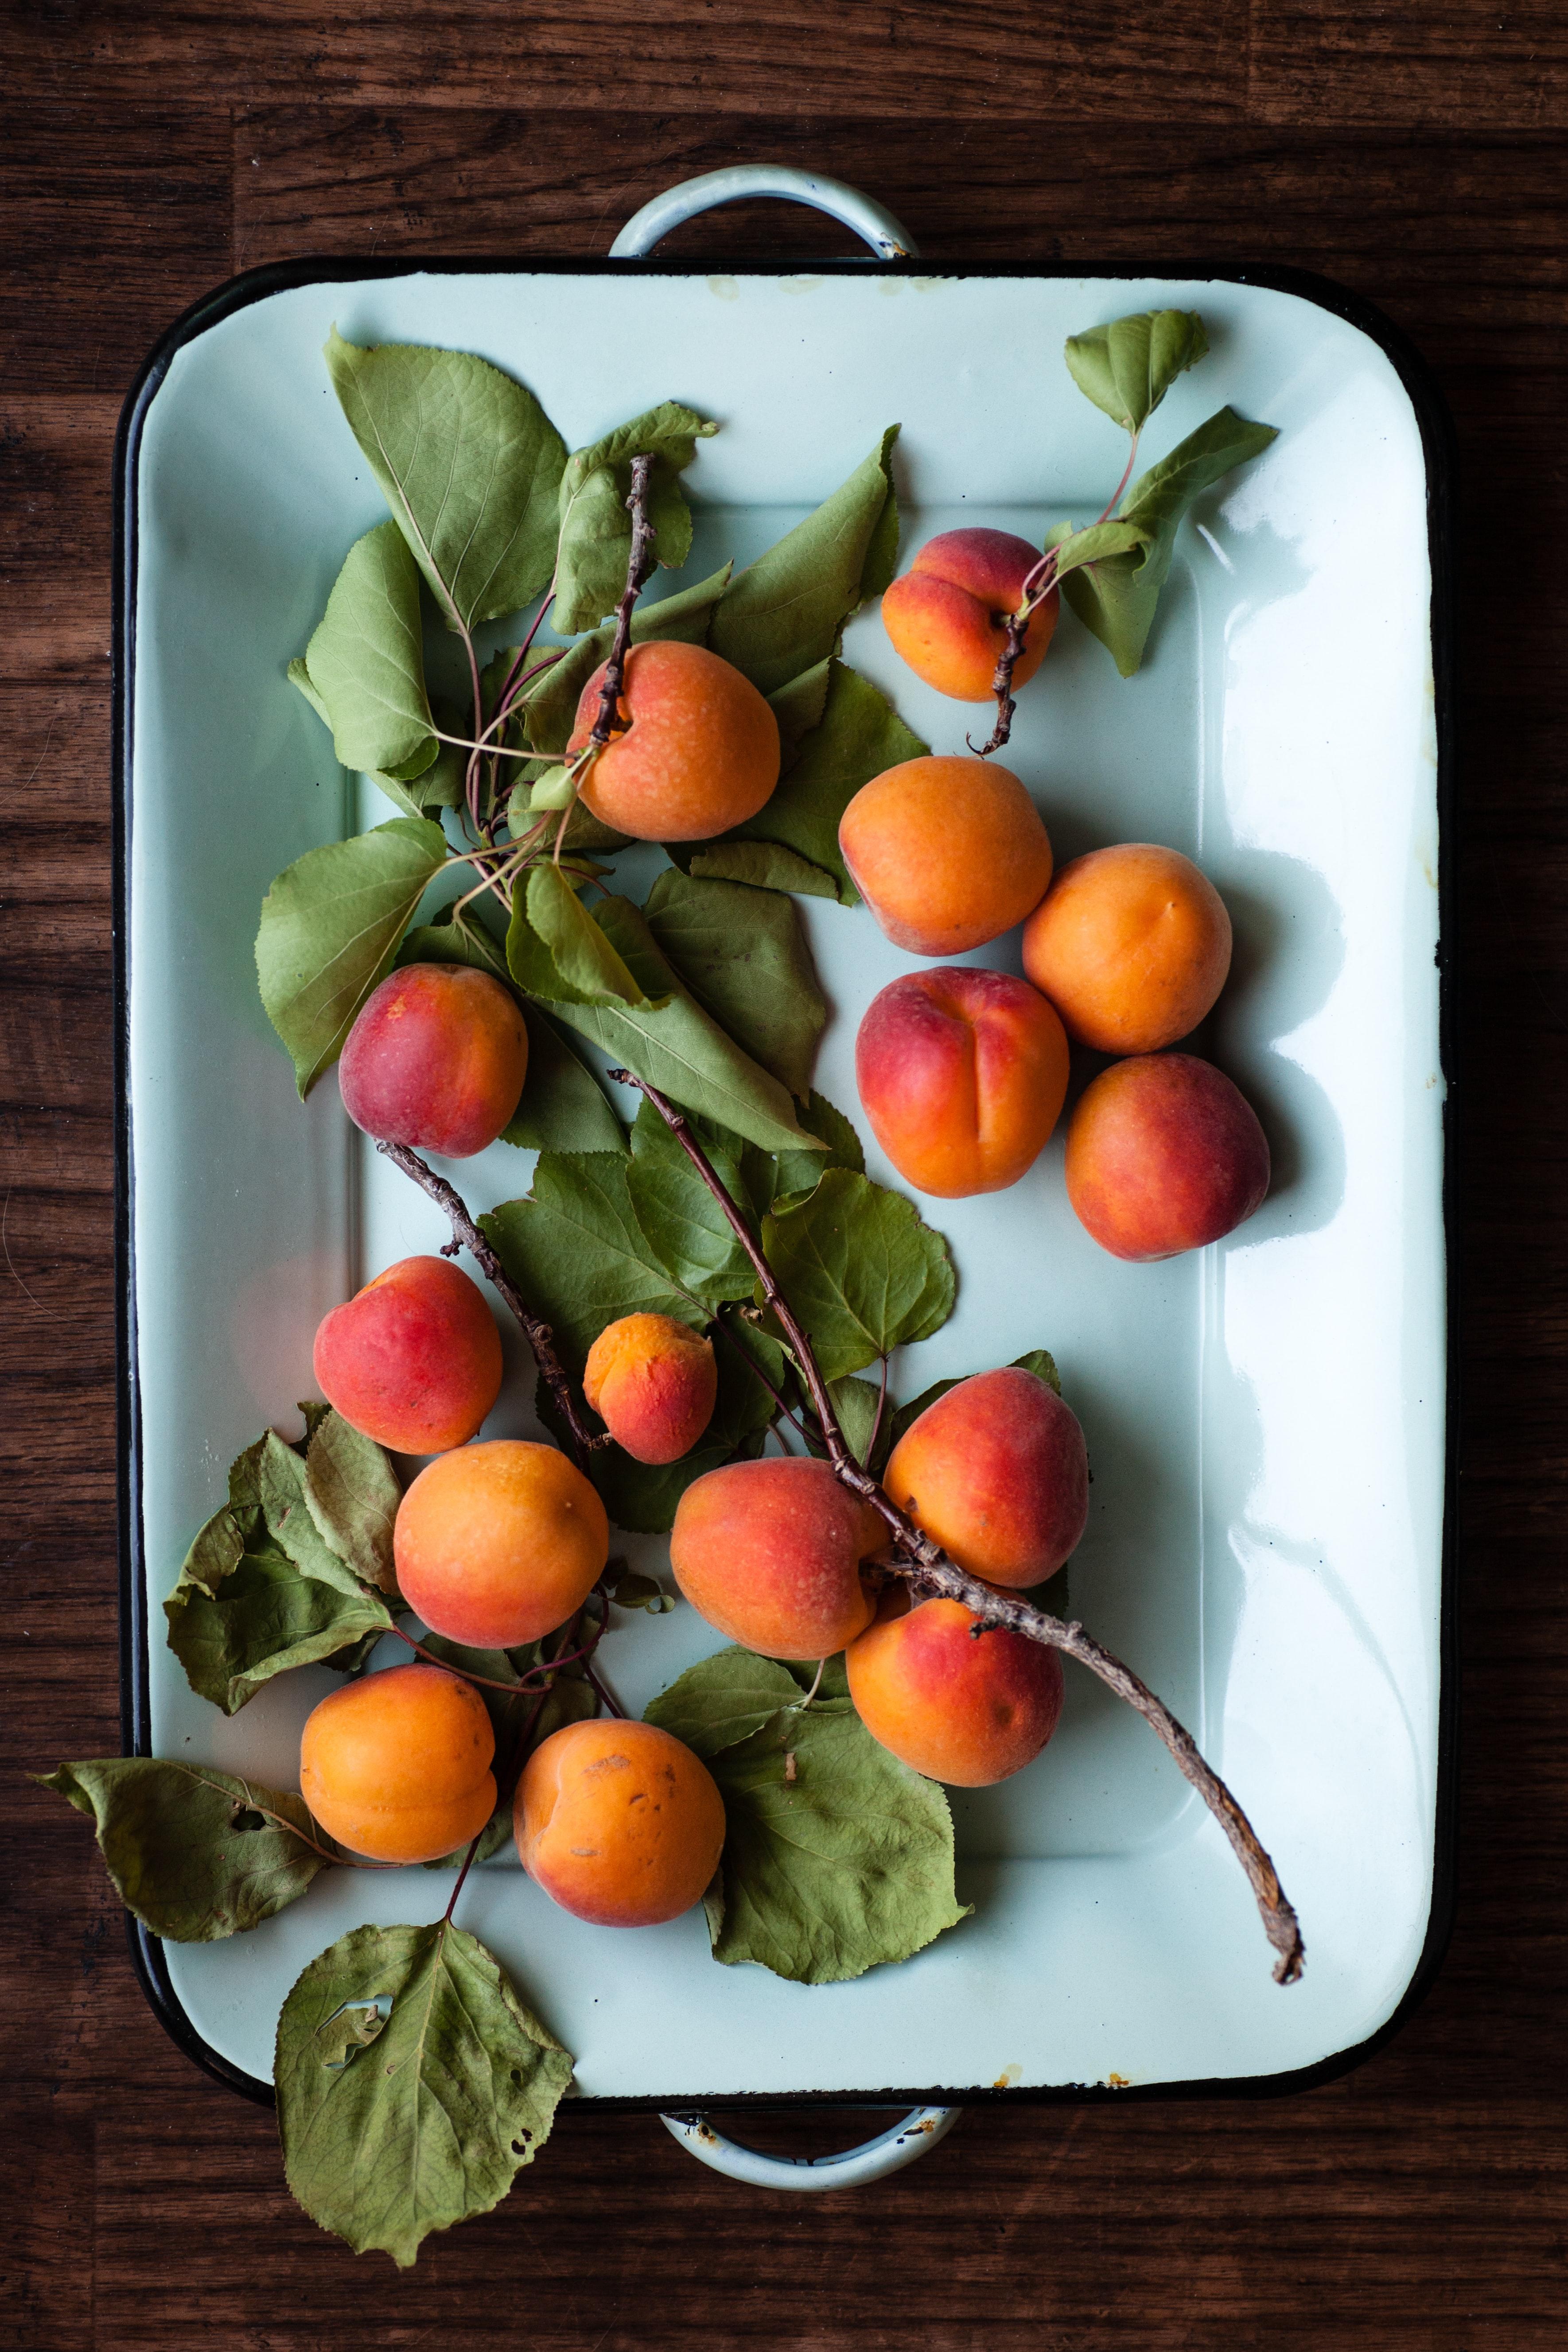 importateur-d-abricots-en-france-8